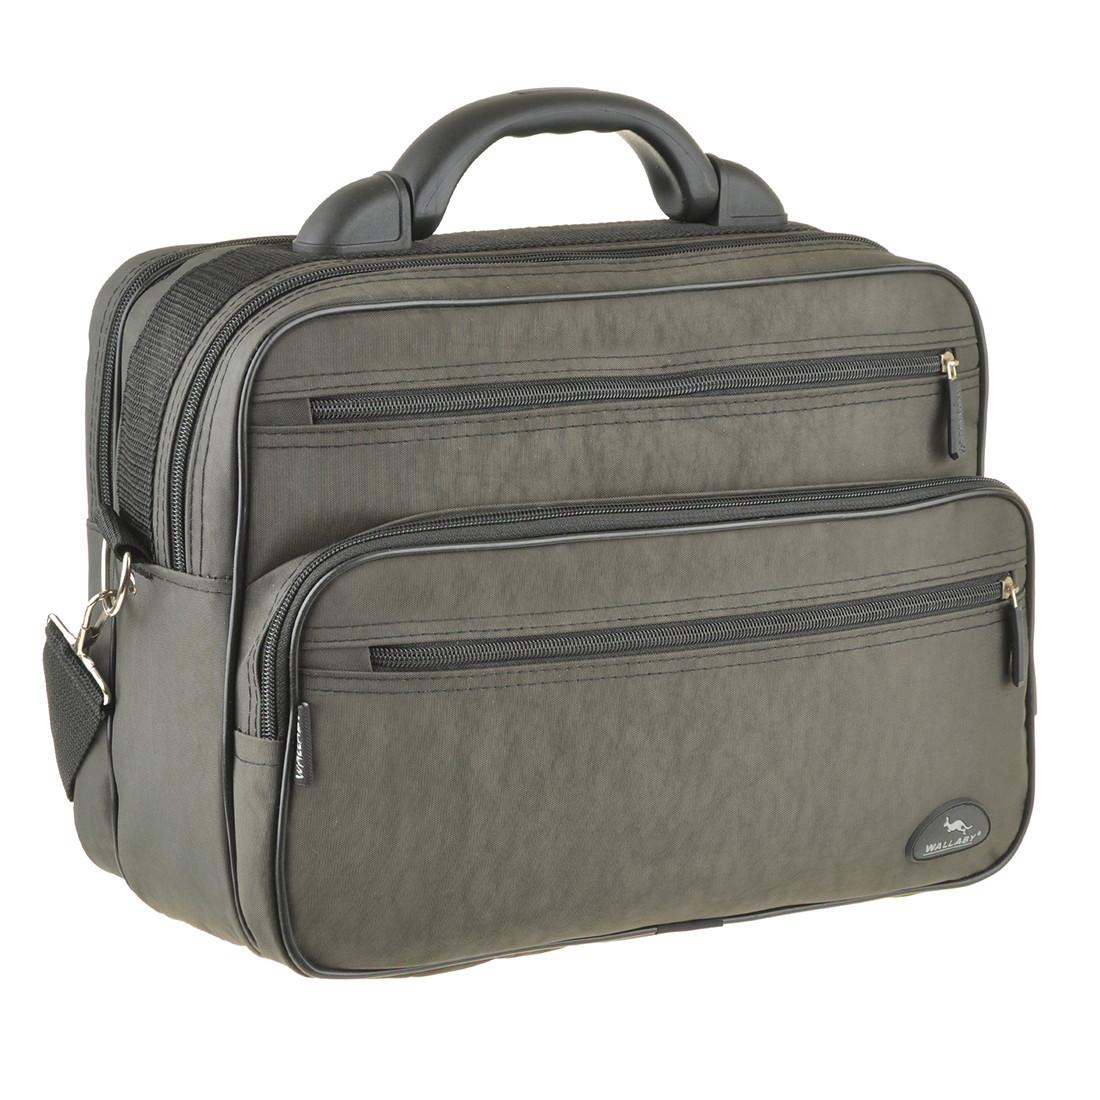 Мужская сумка Wallaby полу каркас 36х26х16 ткань кринкл, пластиковая ручка  в 26531х